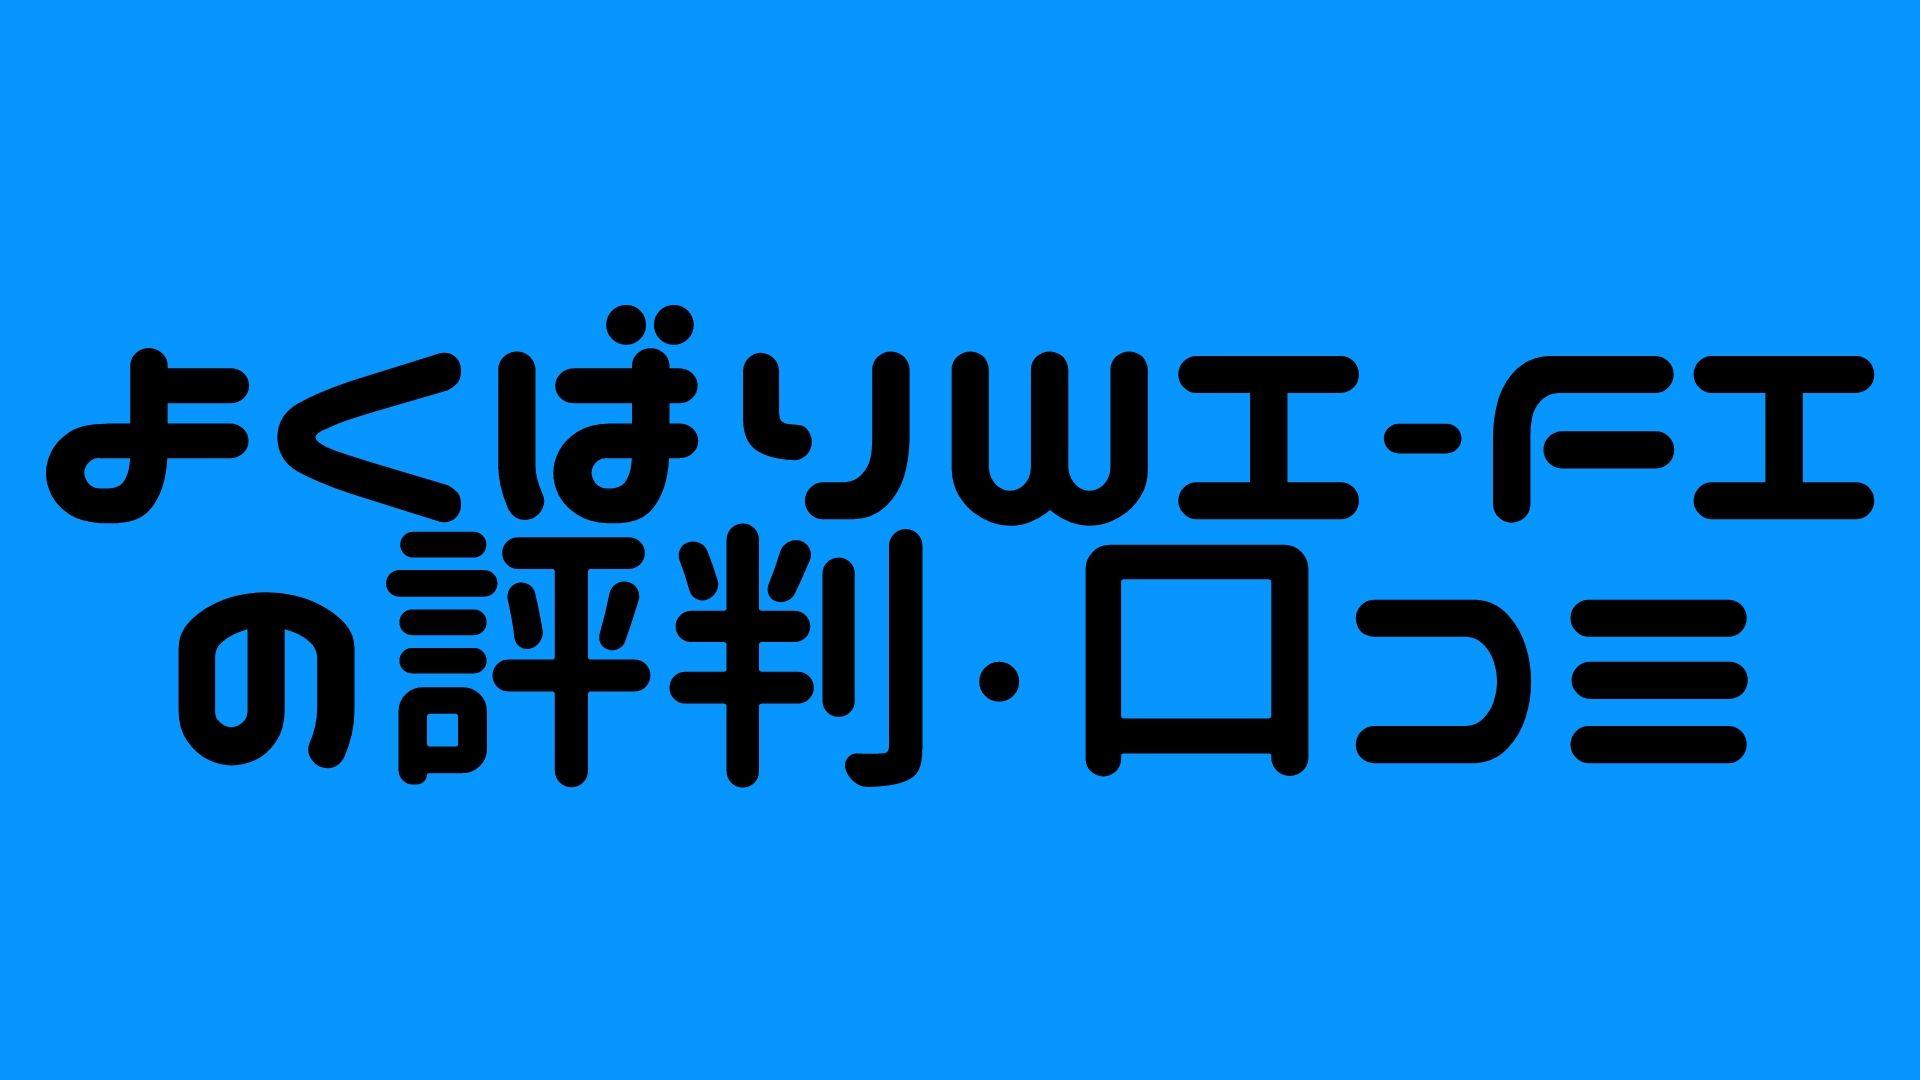 よくばりWi-Fiの評判・口コミ